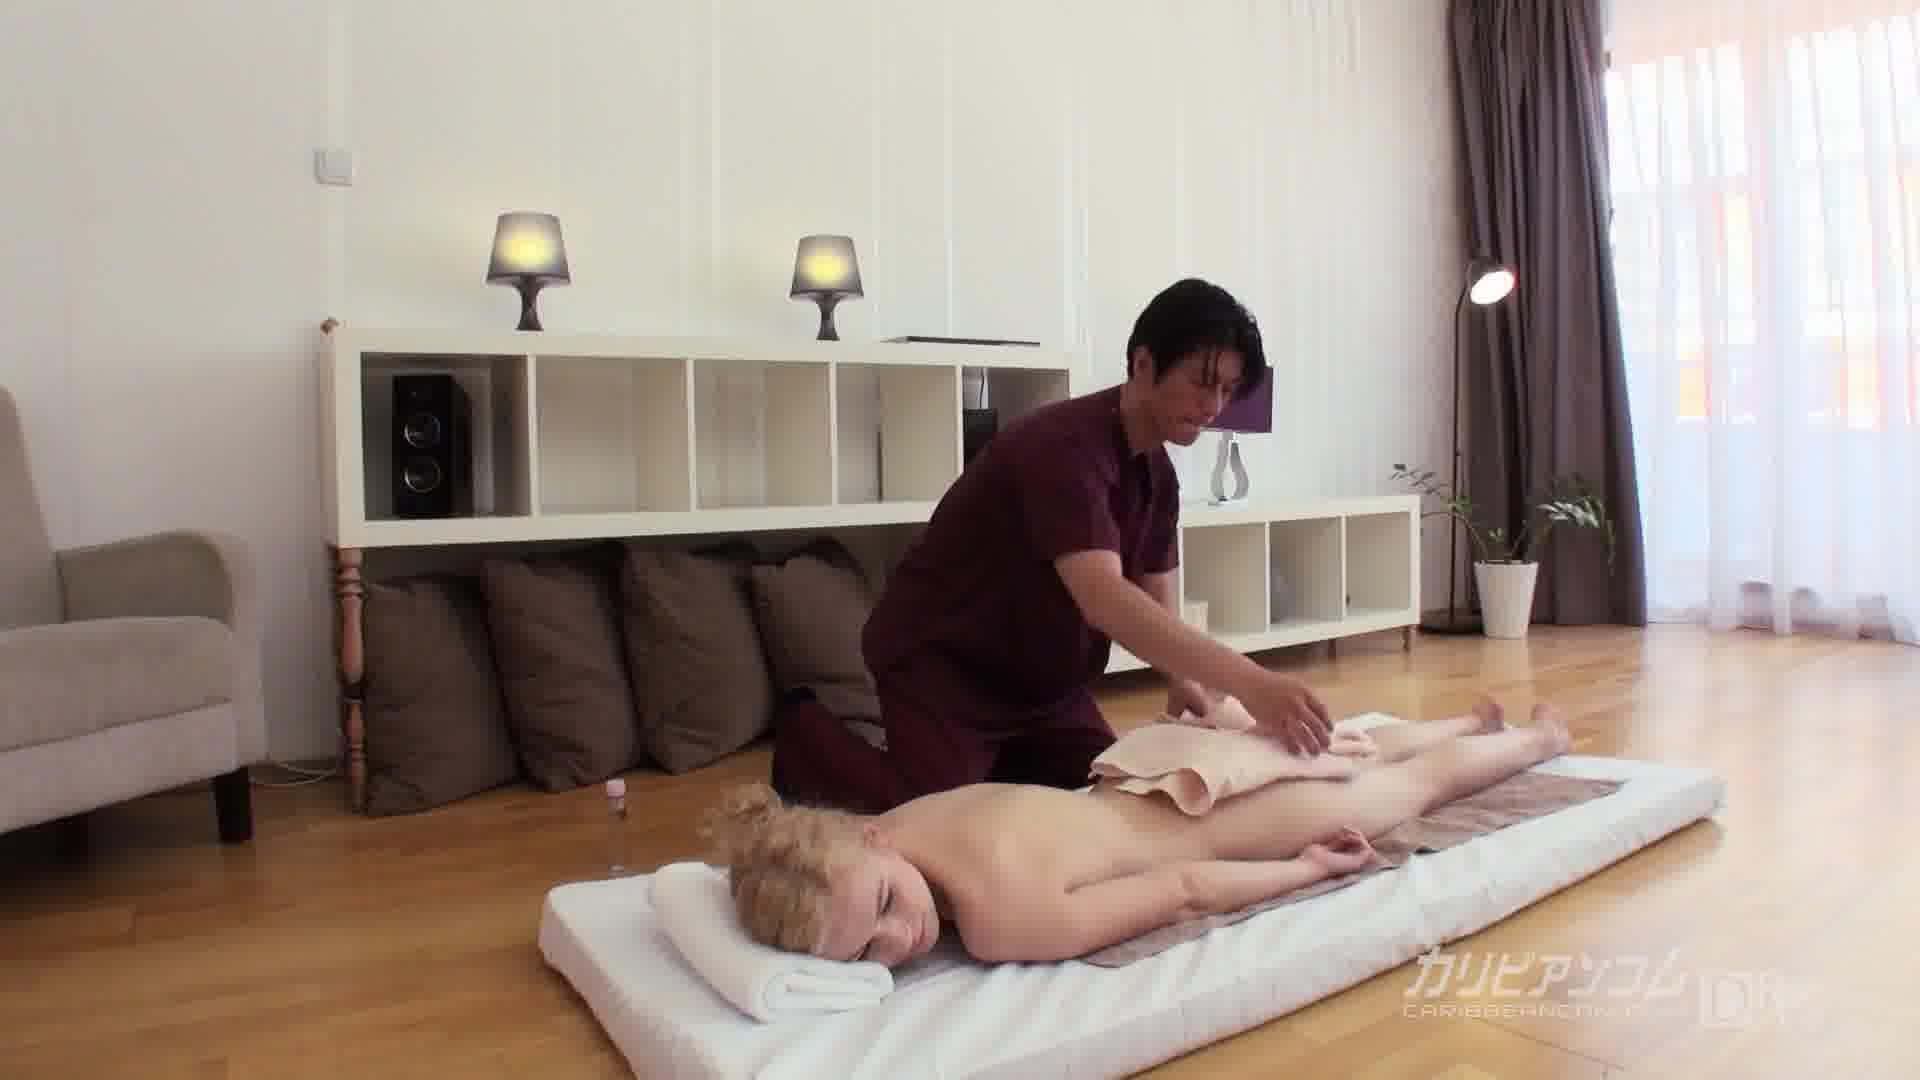 日本男児の按摩に大興奮の中欧ギャル - ニーシャ【美乳・オナニー・中出し】